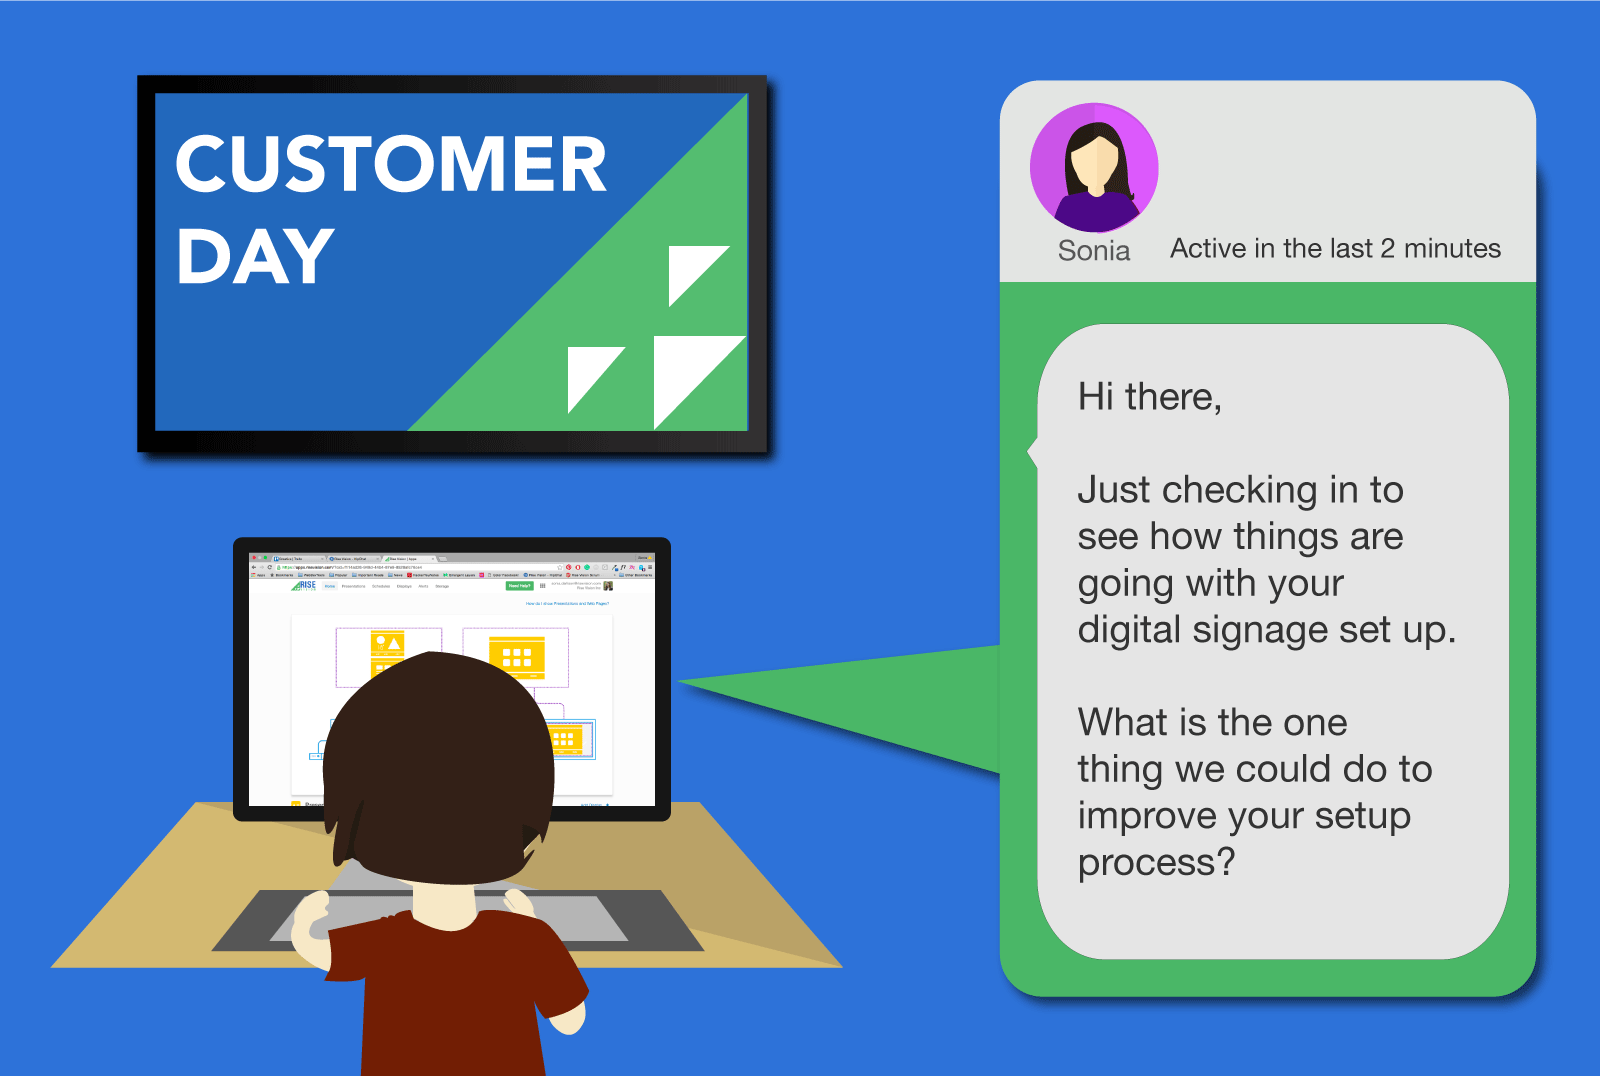 Customer_Day_Hero.png